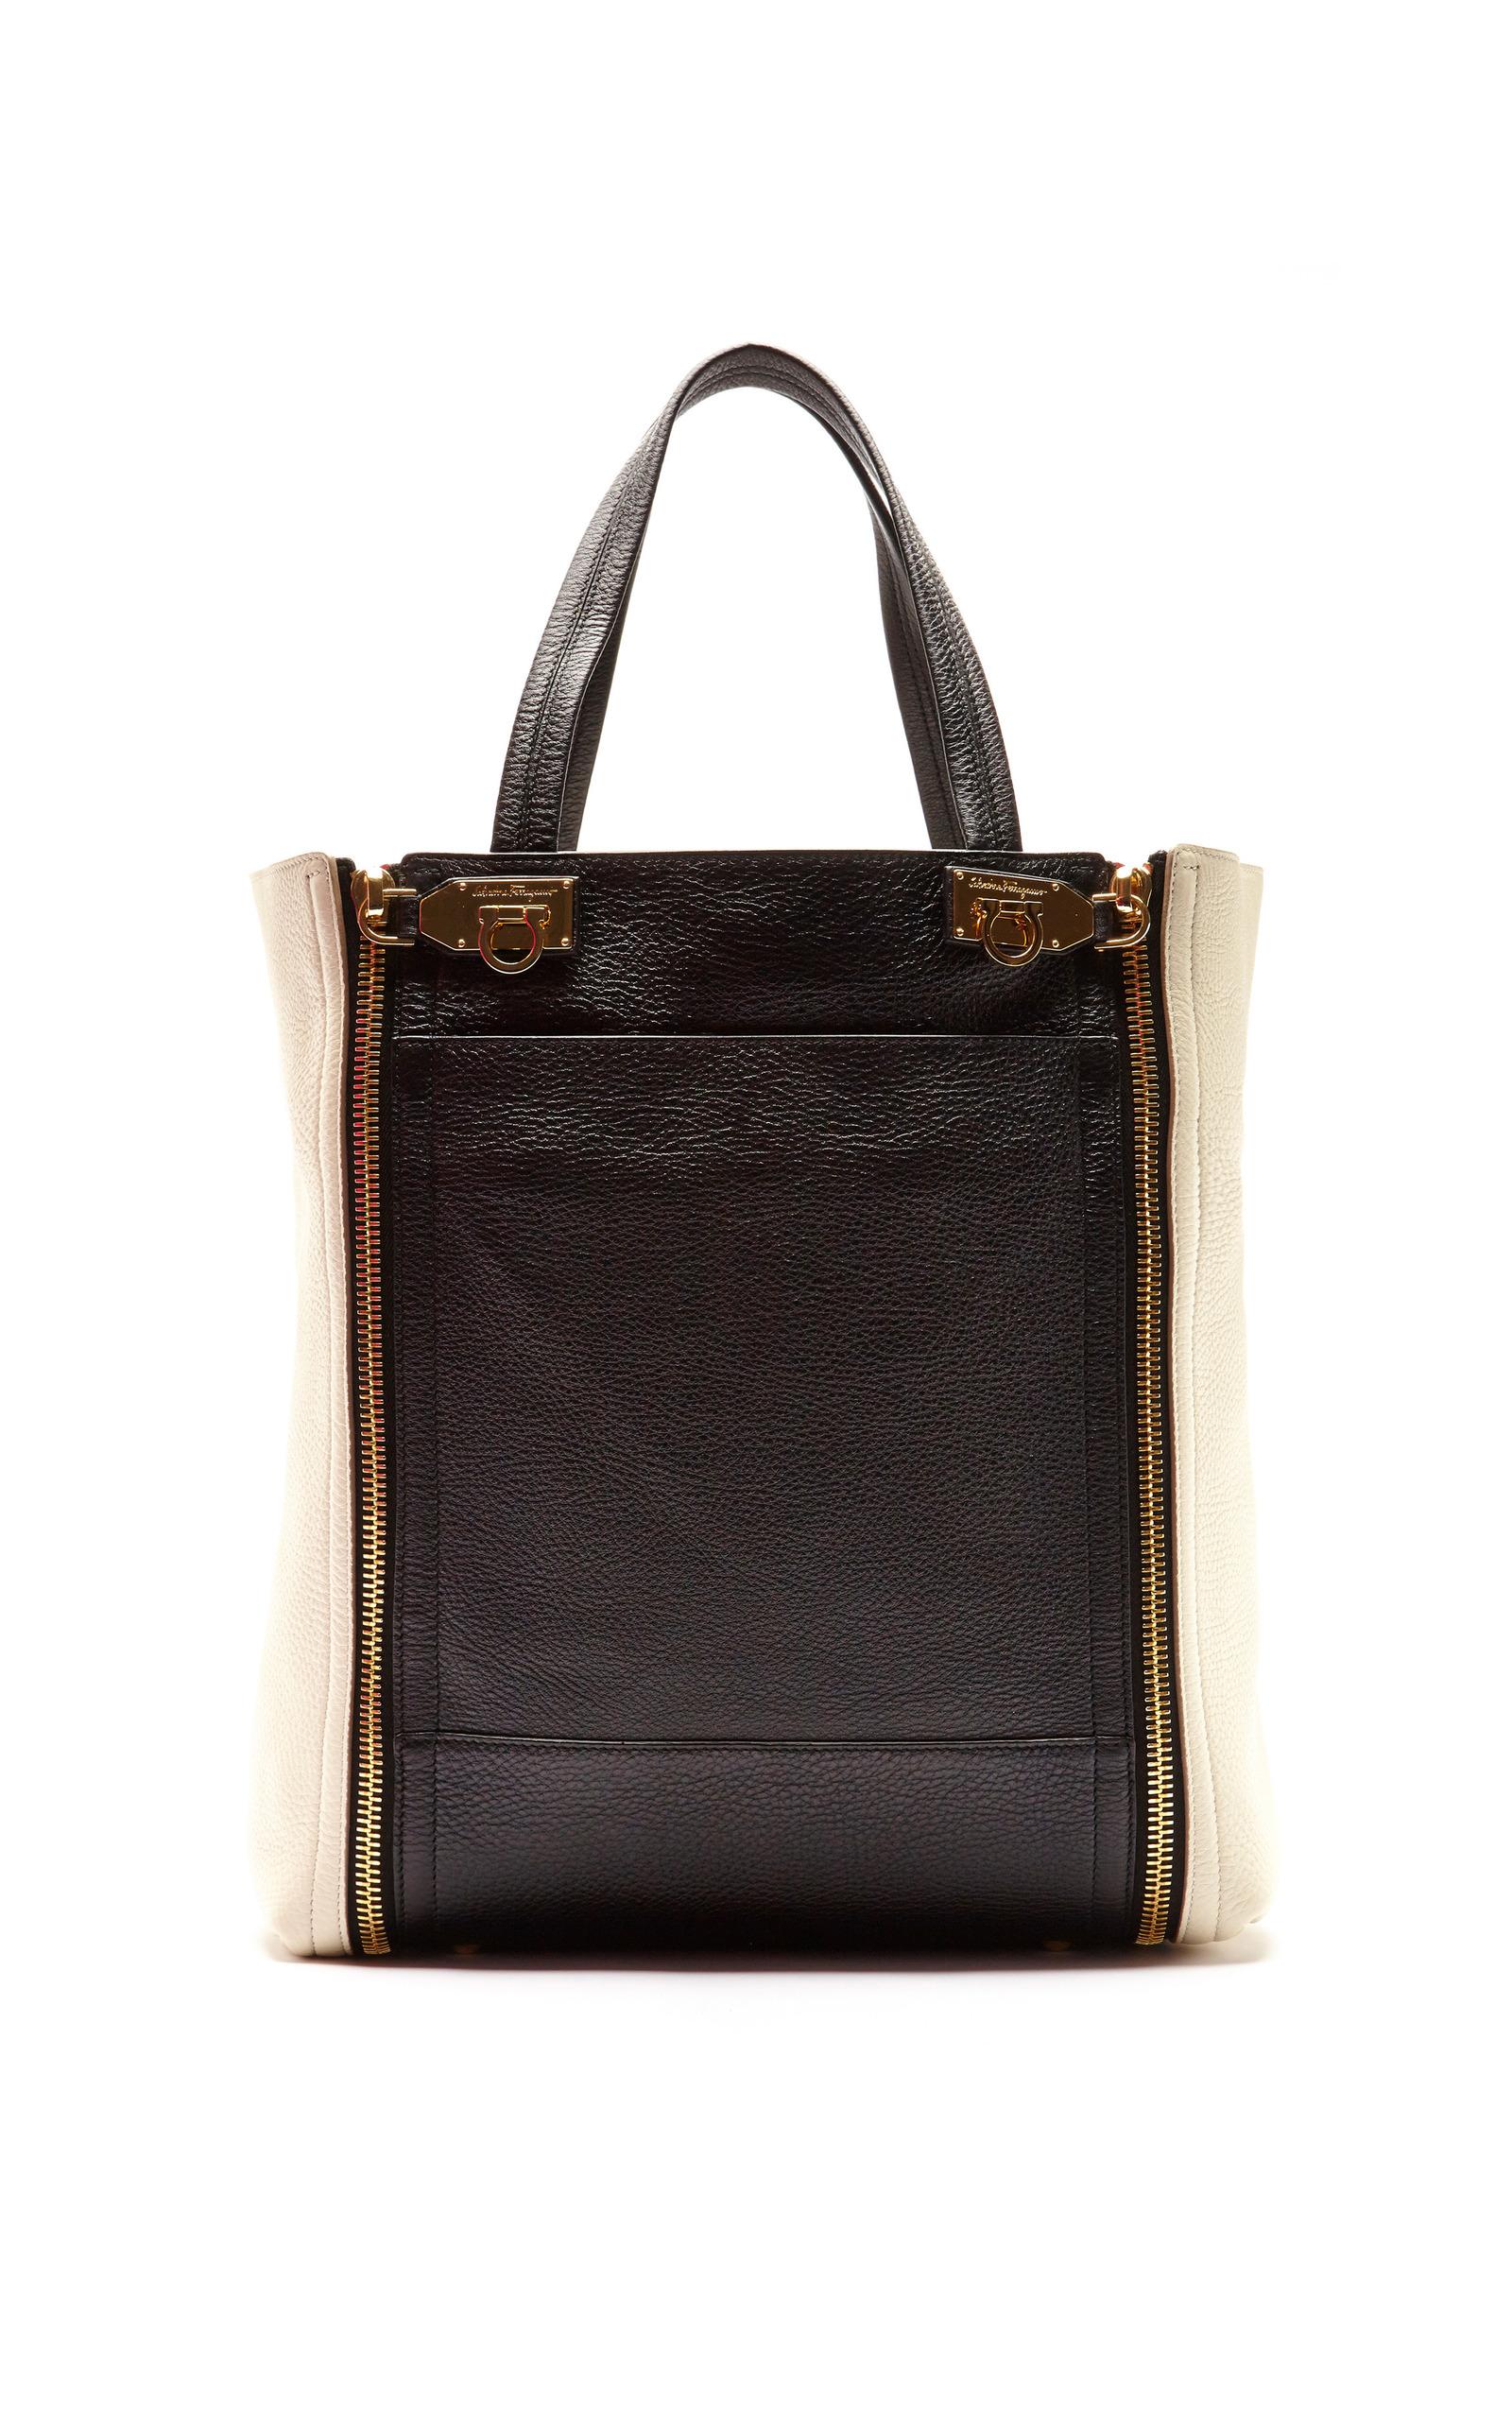 198ebba3fa Salvatore FerragamoSuzanne Two-Tone Leather Tote Bag. CLOSE. Loading